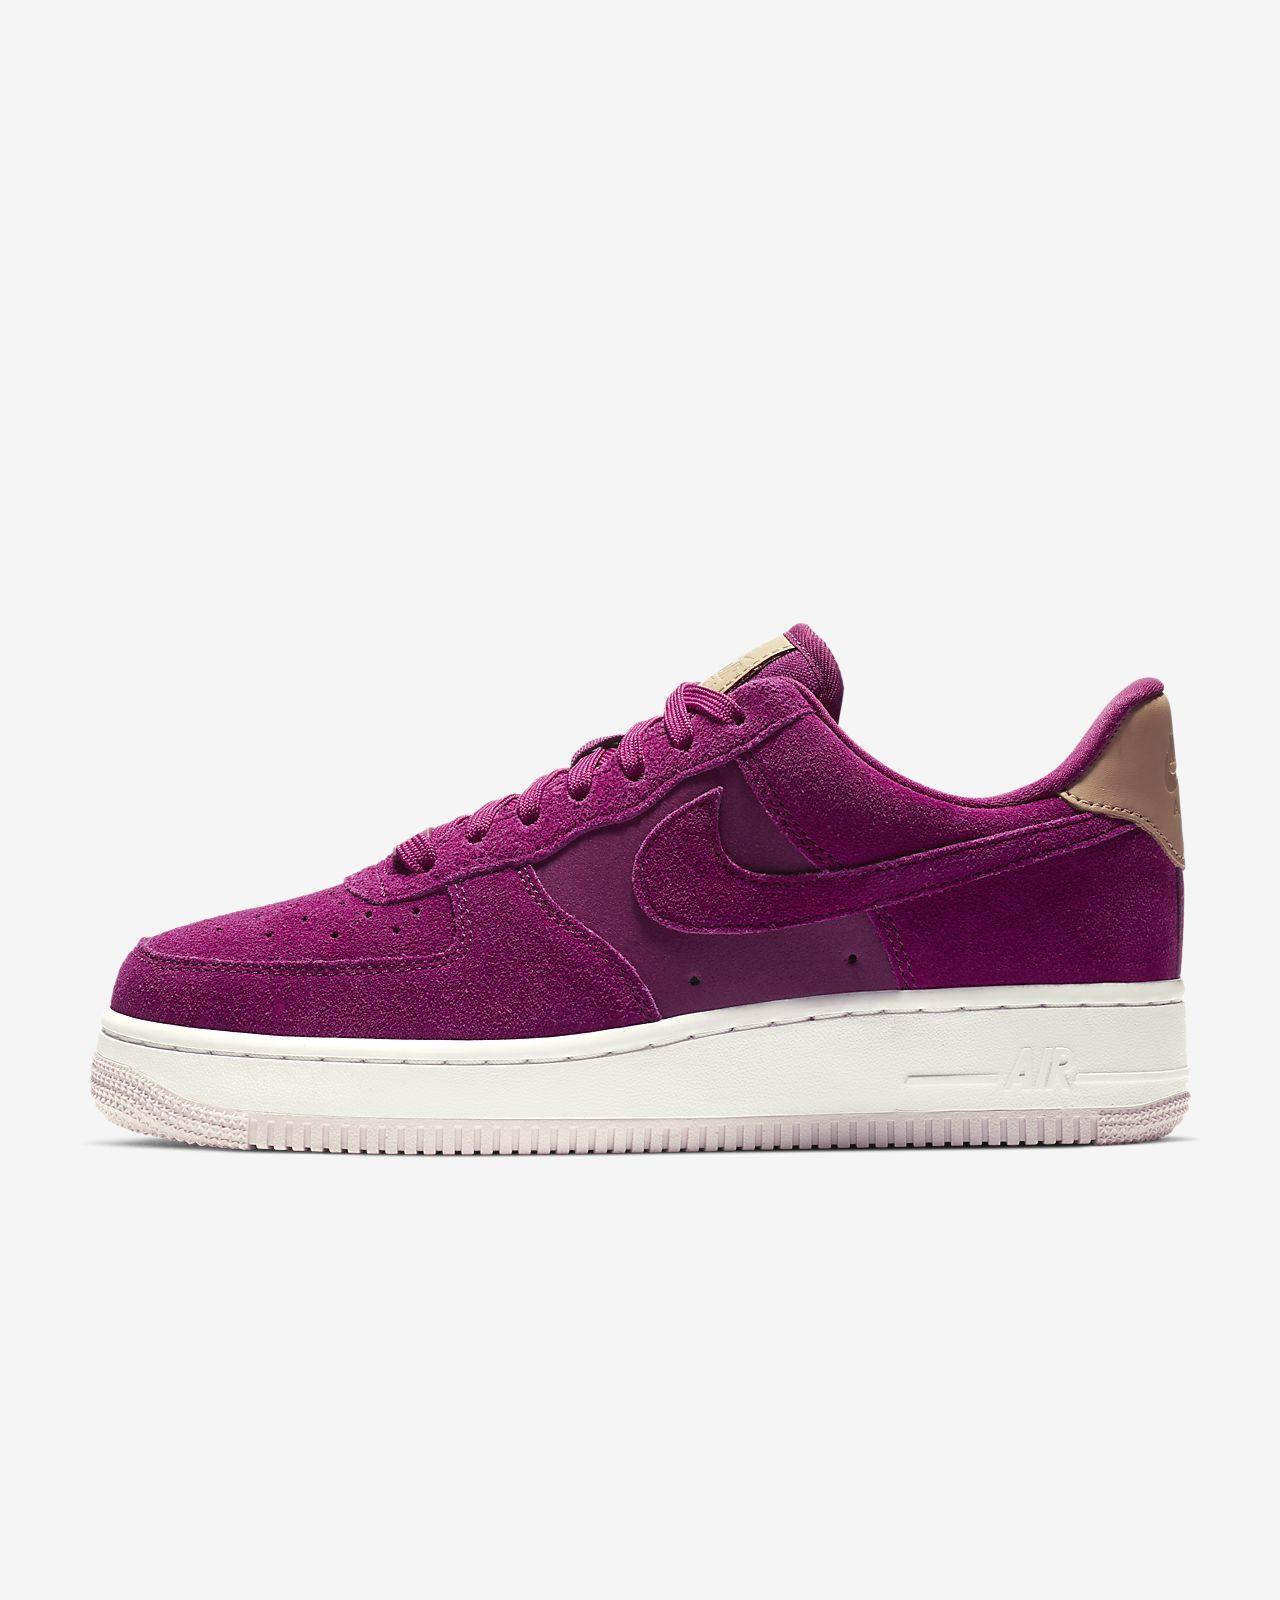 nouvelle collection fb0c6 07e80 Chaussure Nike Air Force 1 '07 Low Premium pour Femme